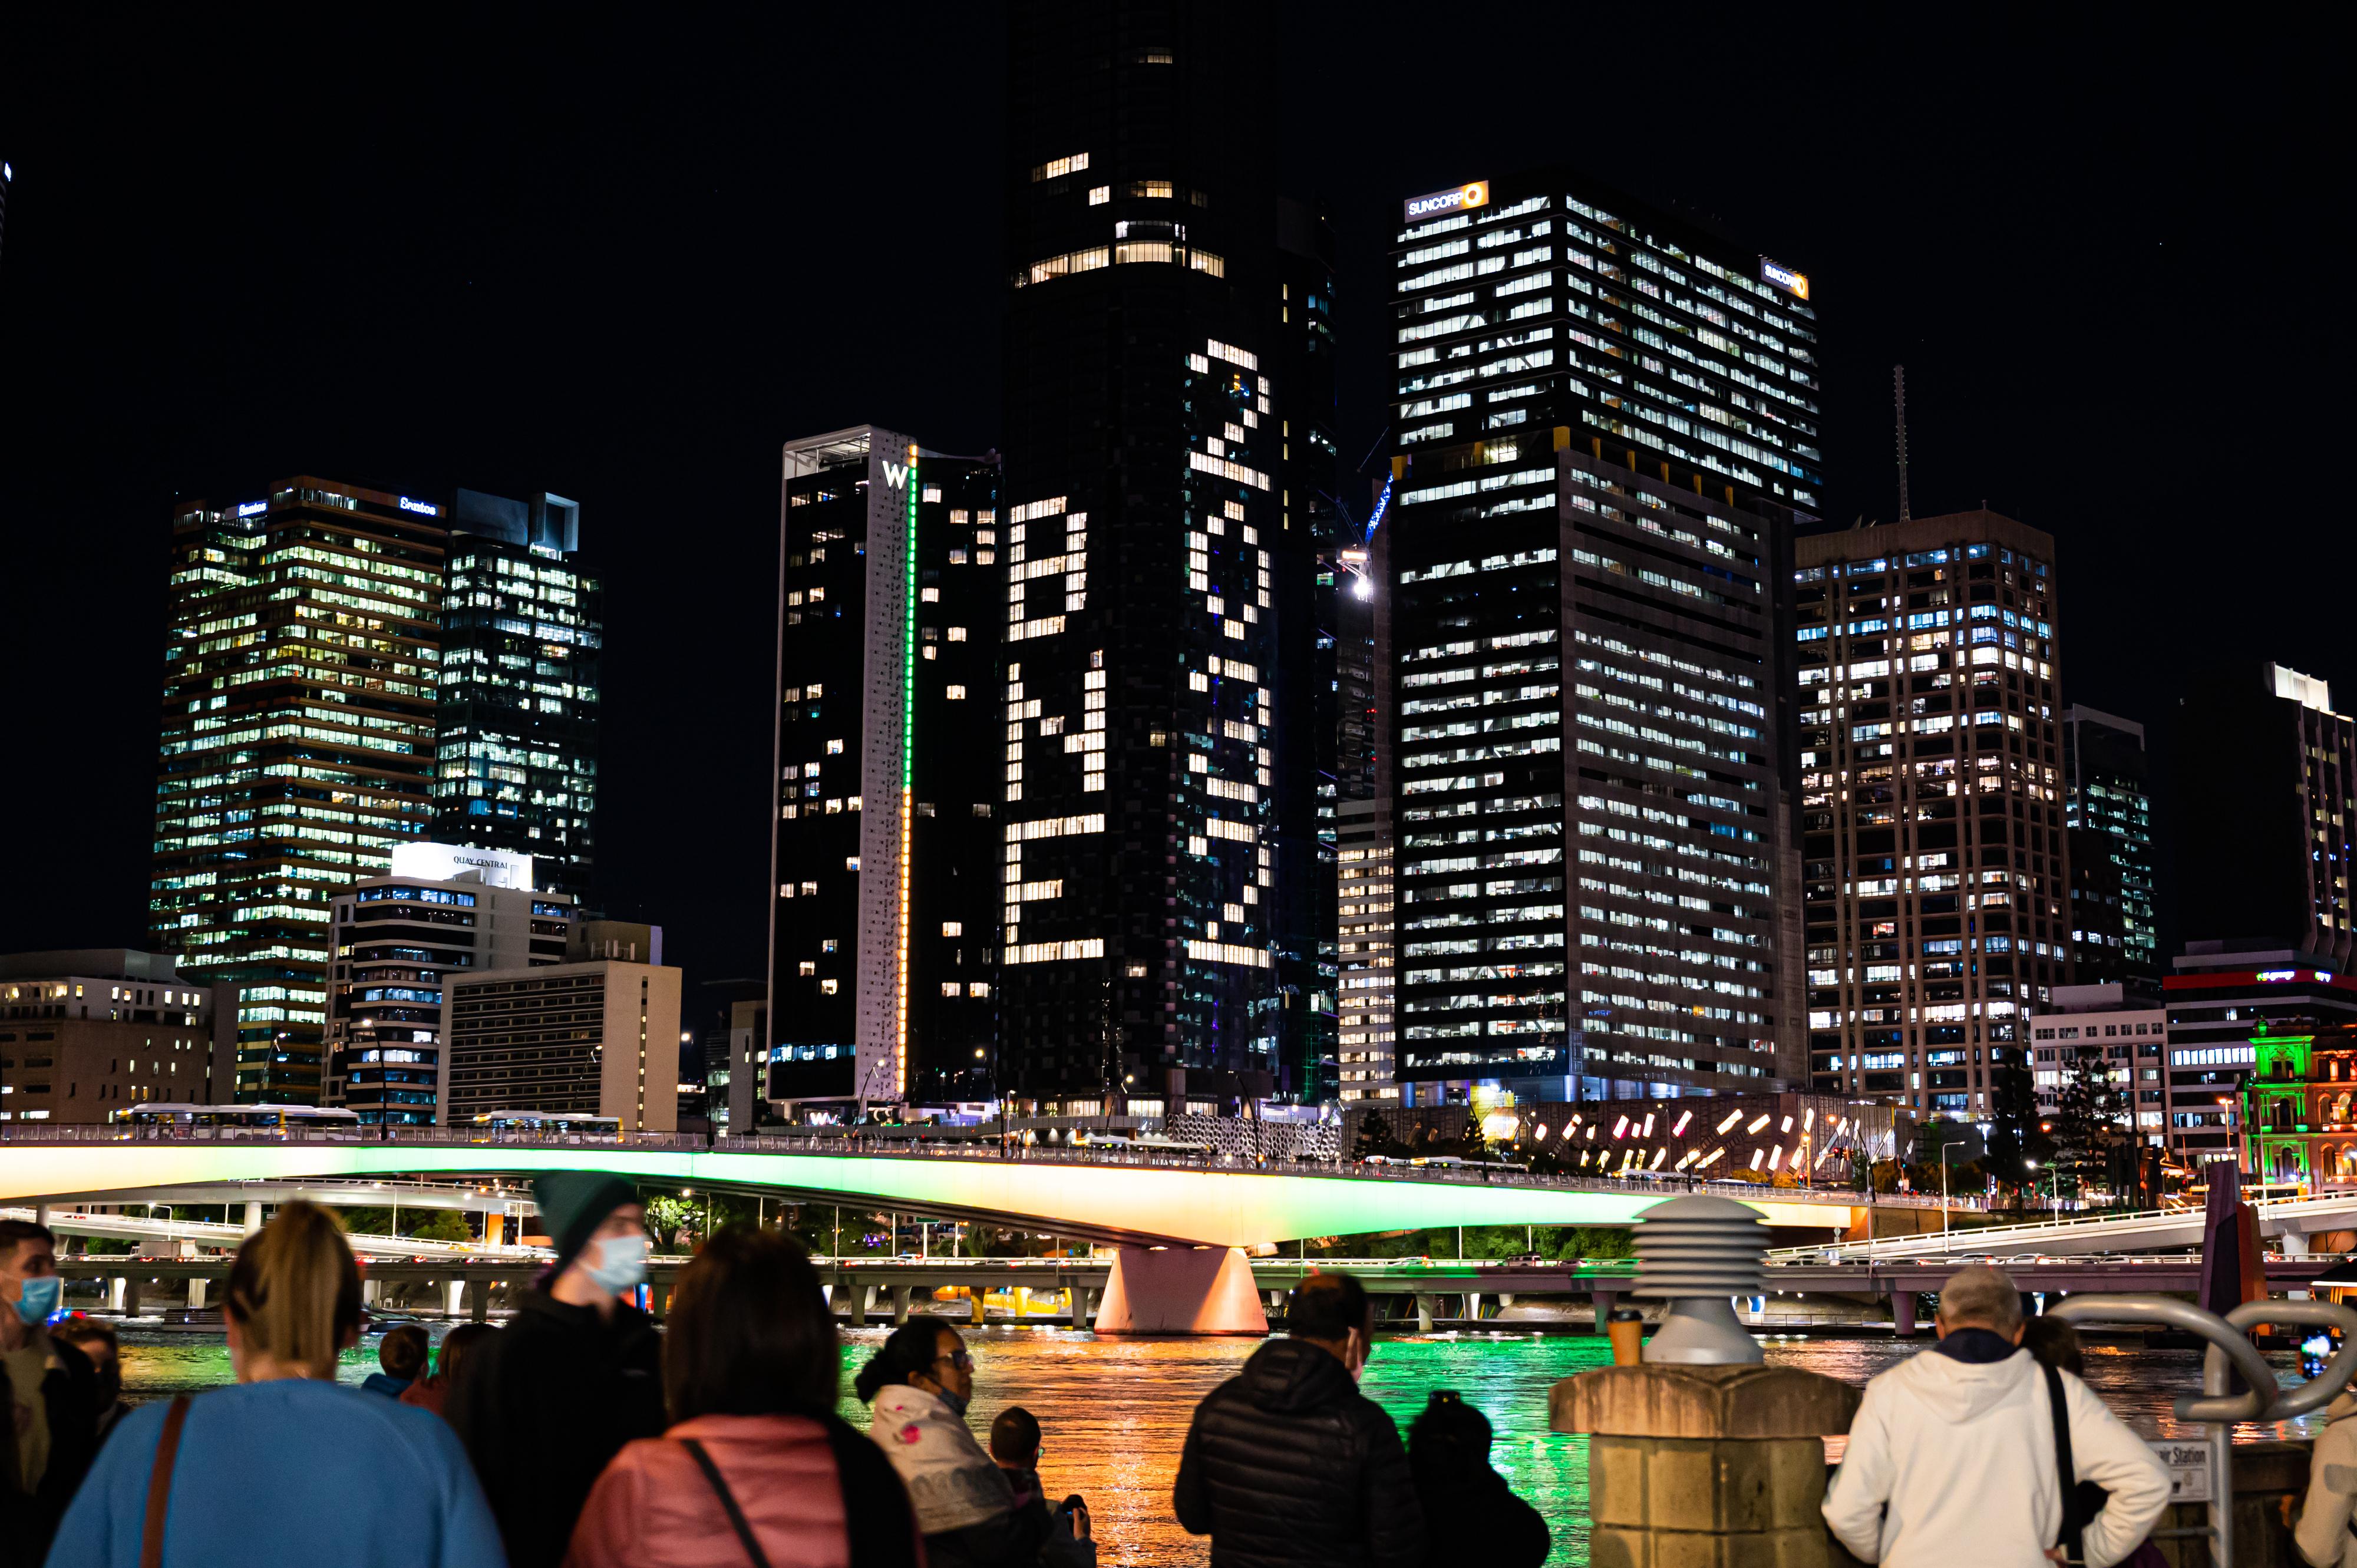 7月21日,在澳大利亚布里斯班,人们庆祝该市申办2032年奥运会成功。新华社发(吴育珩摄)